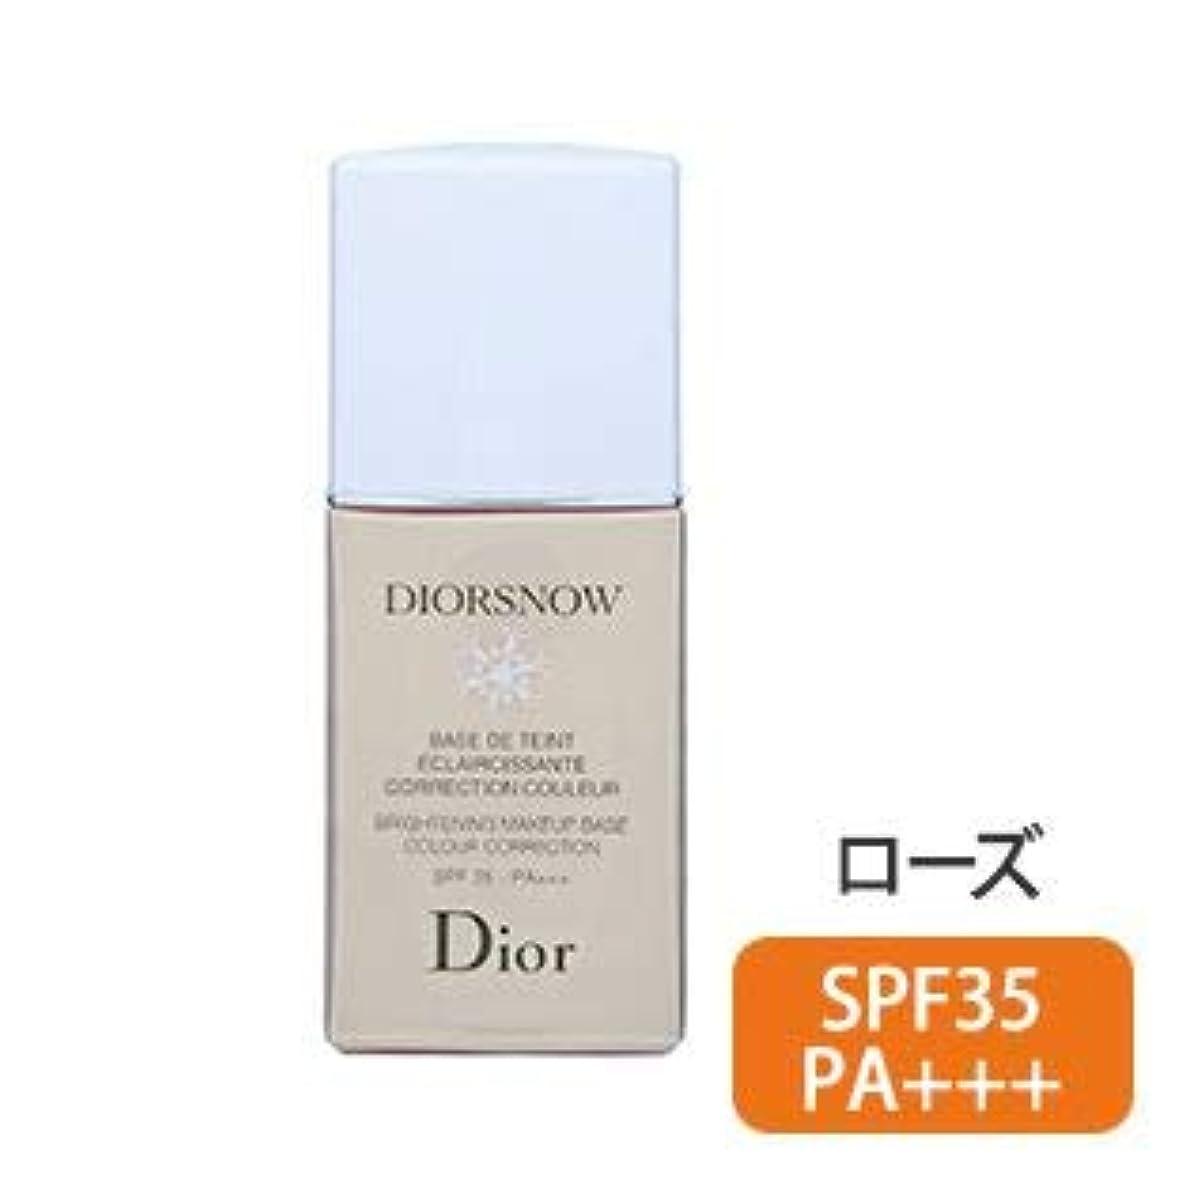 ディオール(Dior) スノー メイクアップ ベース UV35 (ローズ) [並行輸入品]